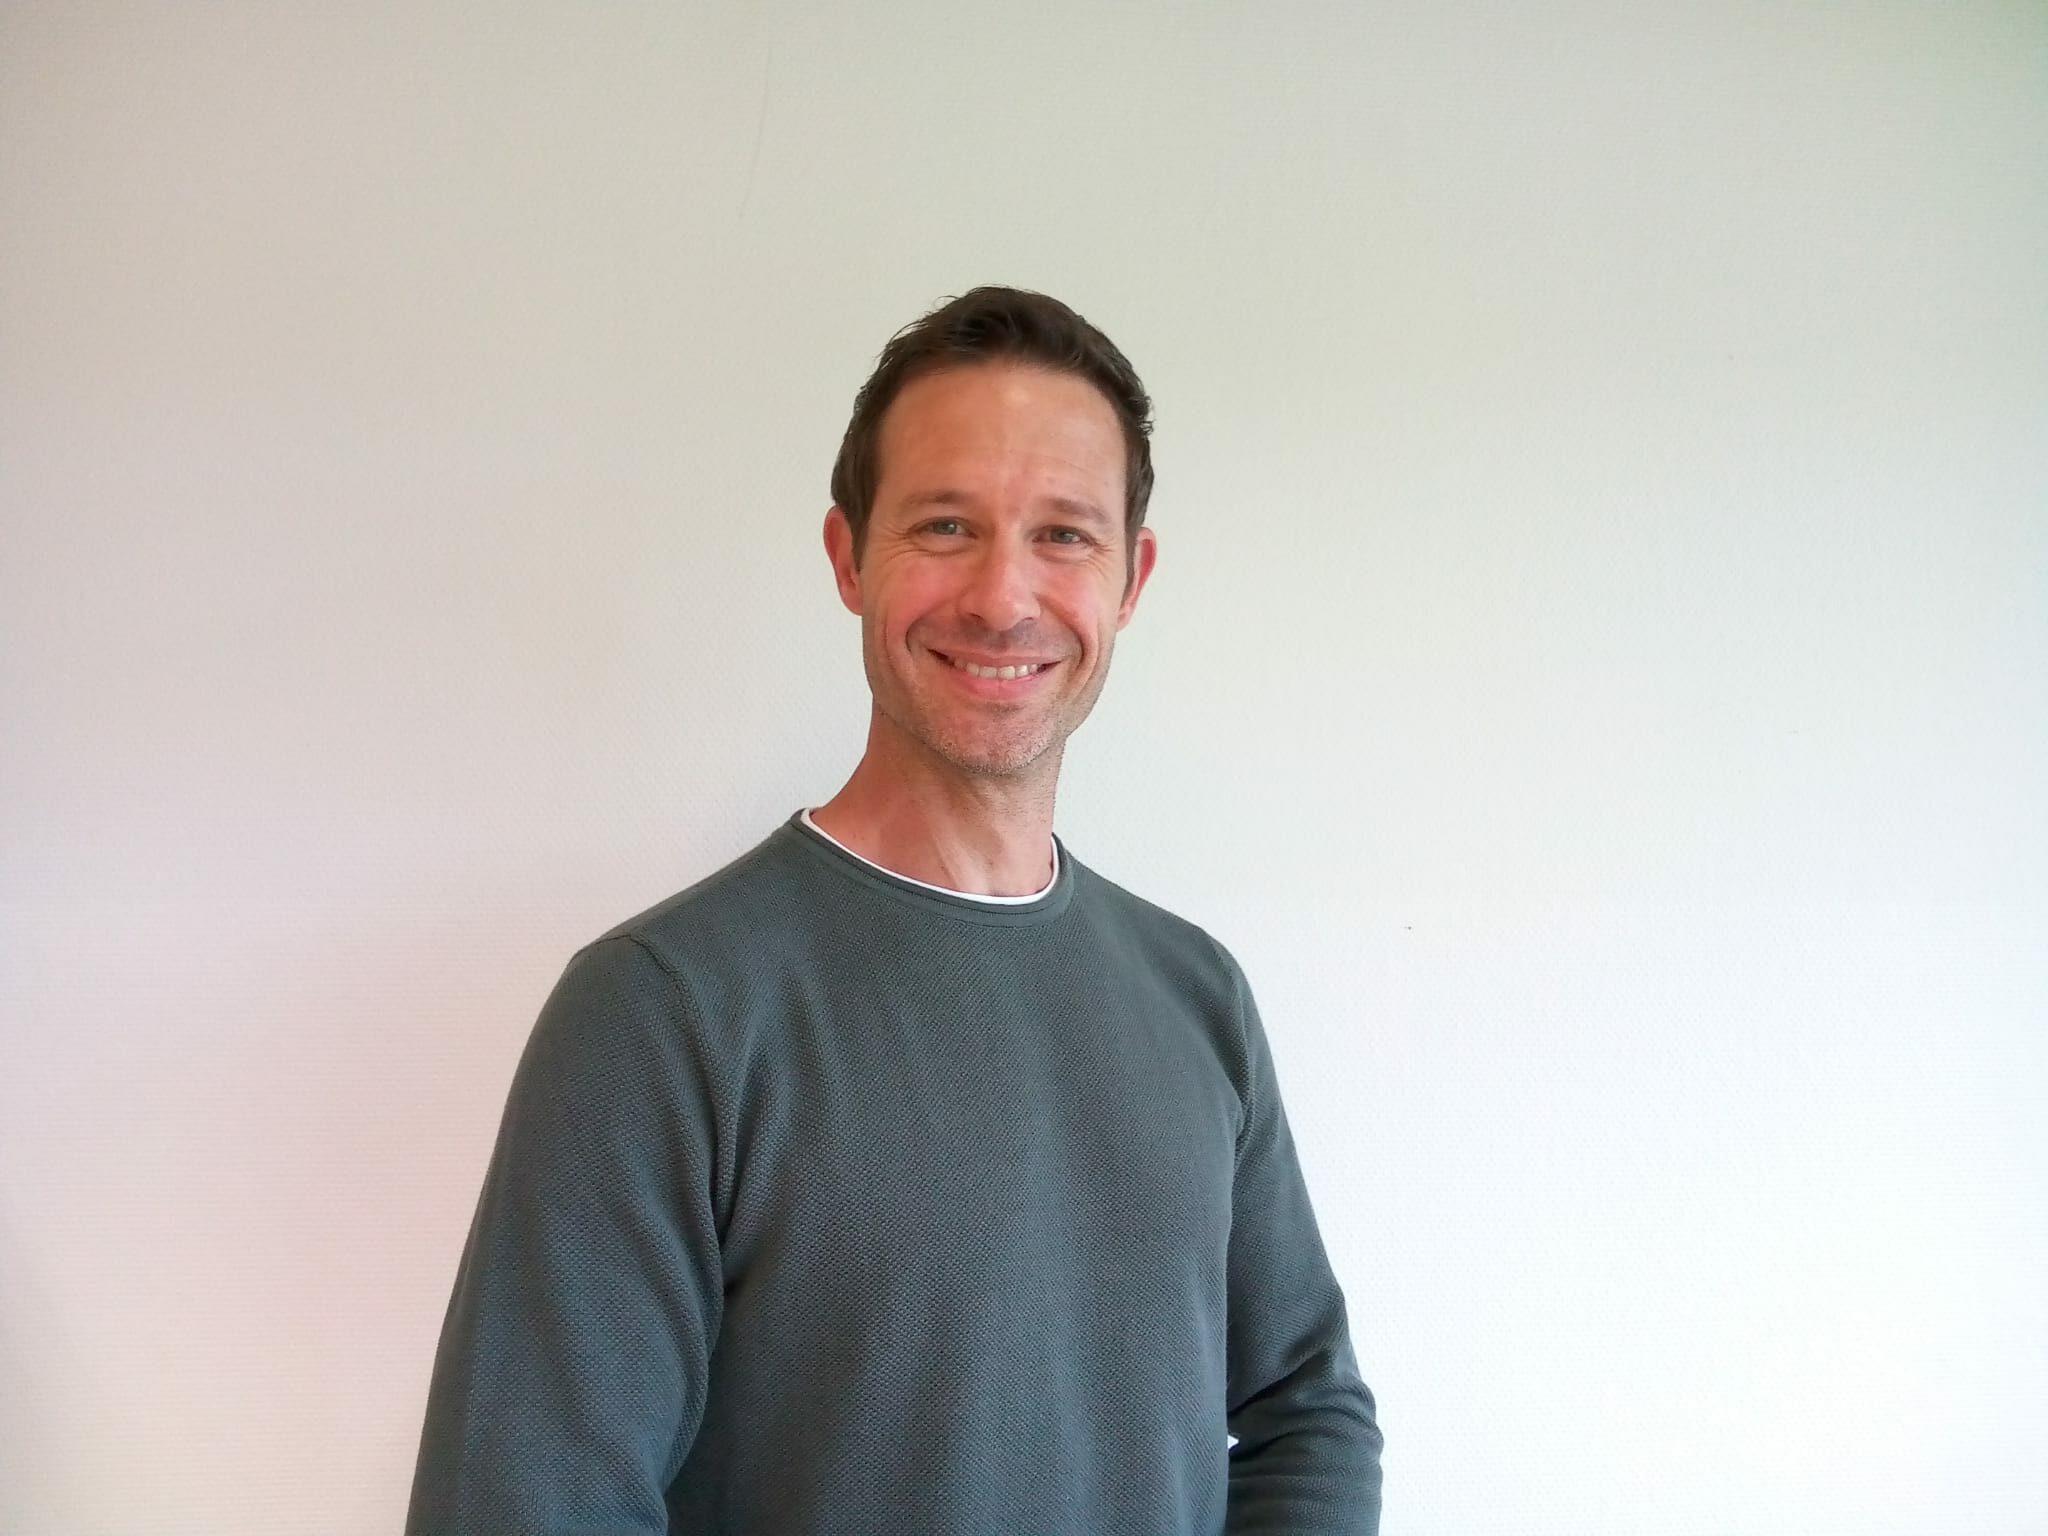 Henry van den Bogert